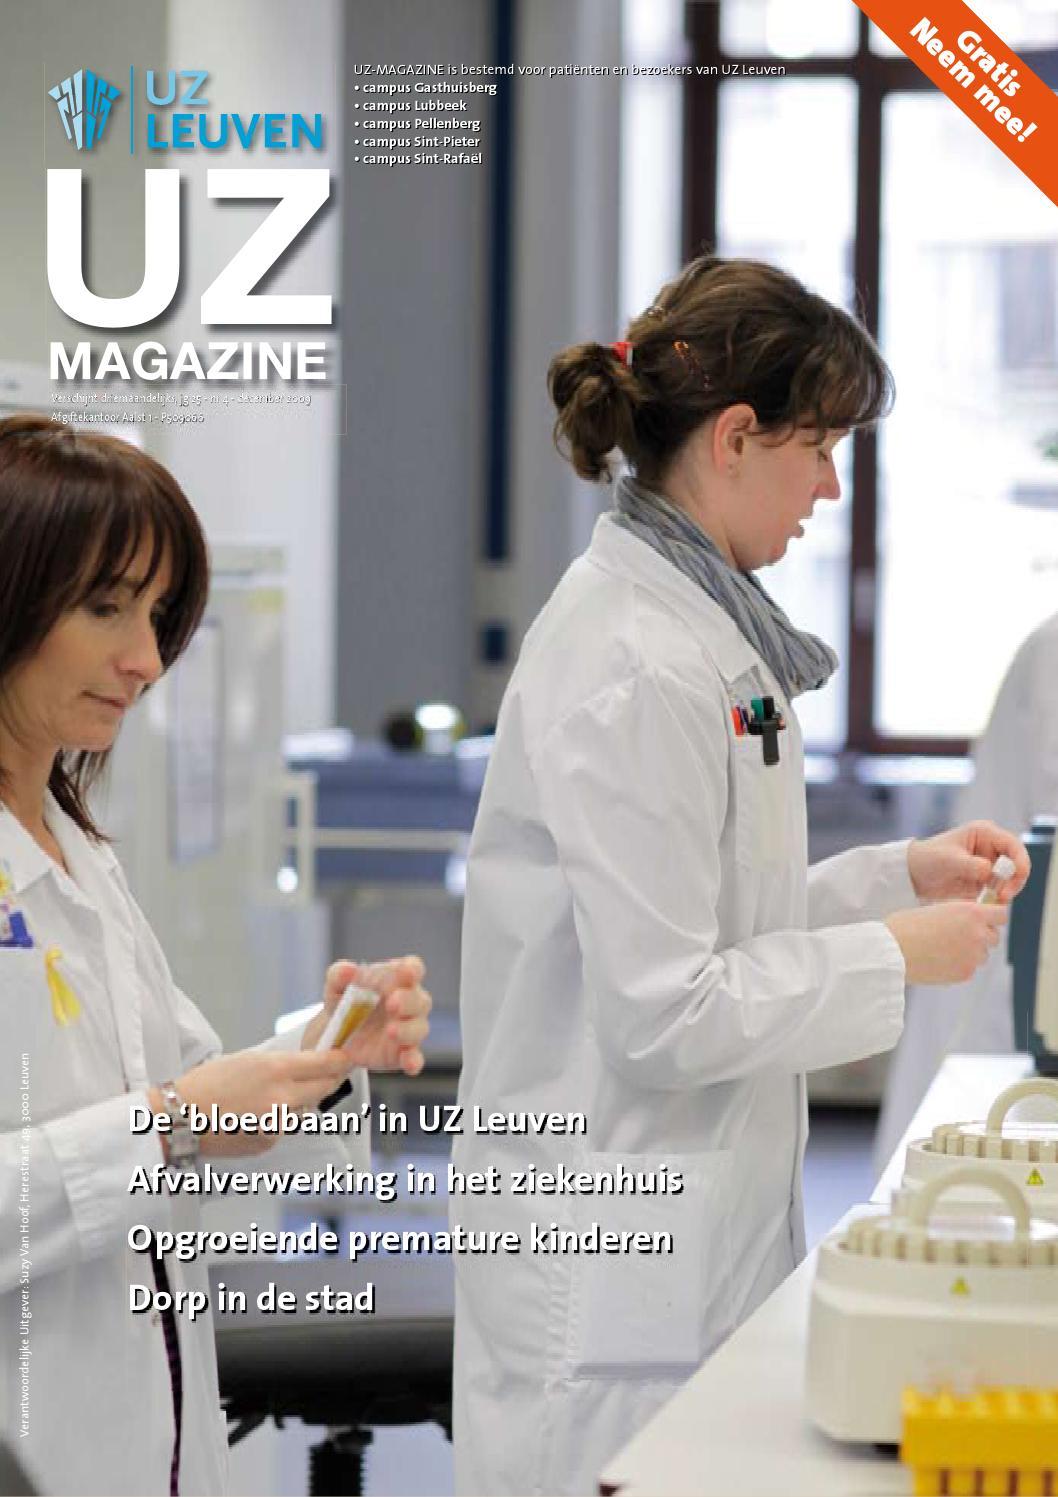 UZ-magazine september 2010 by UZ Leuven - issuu